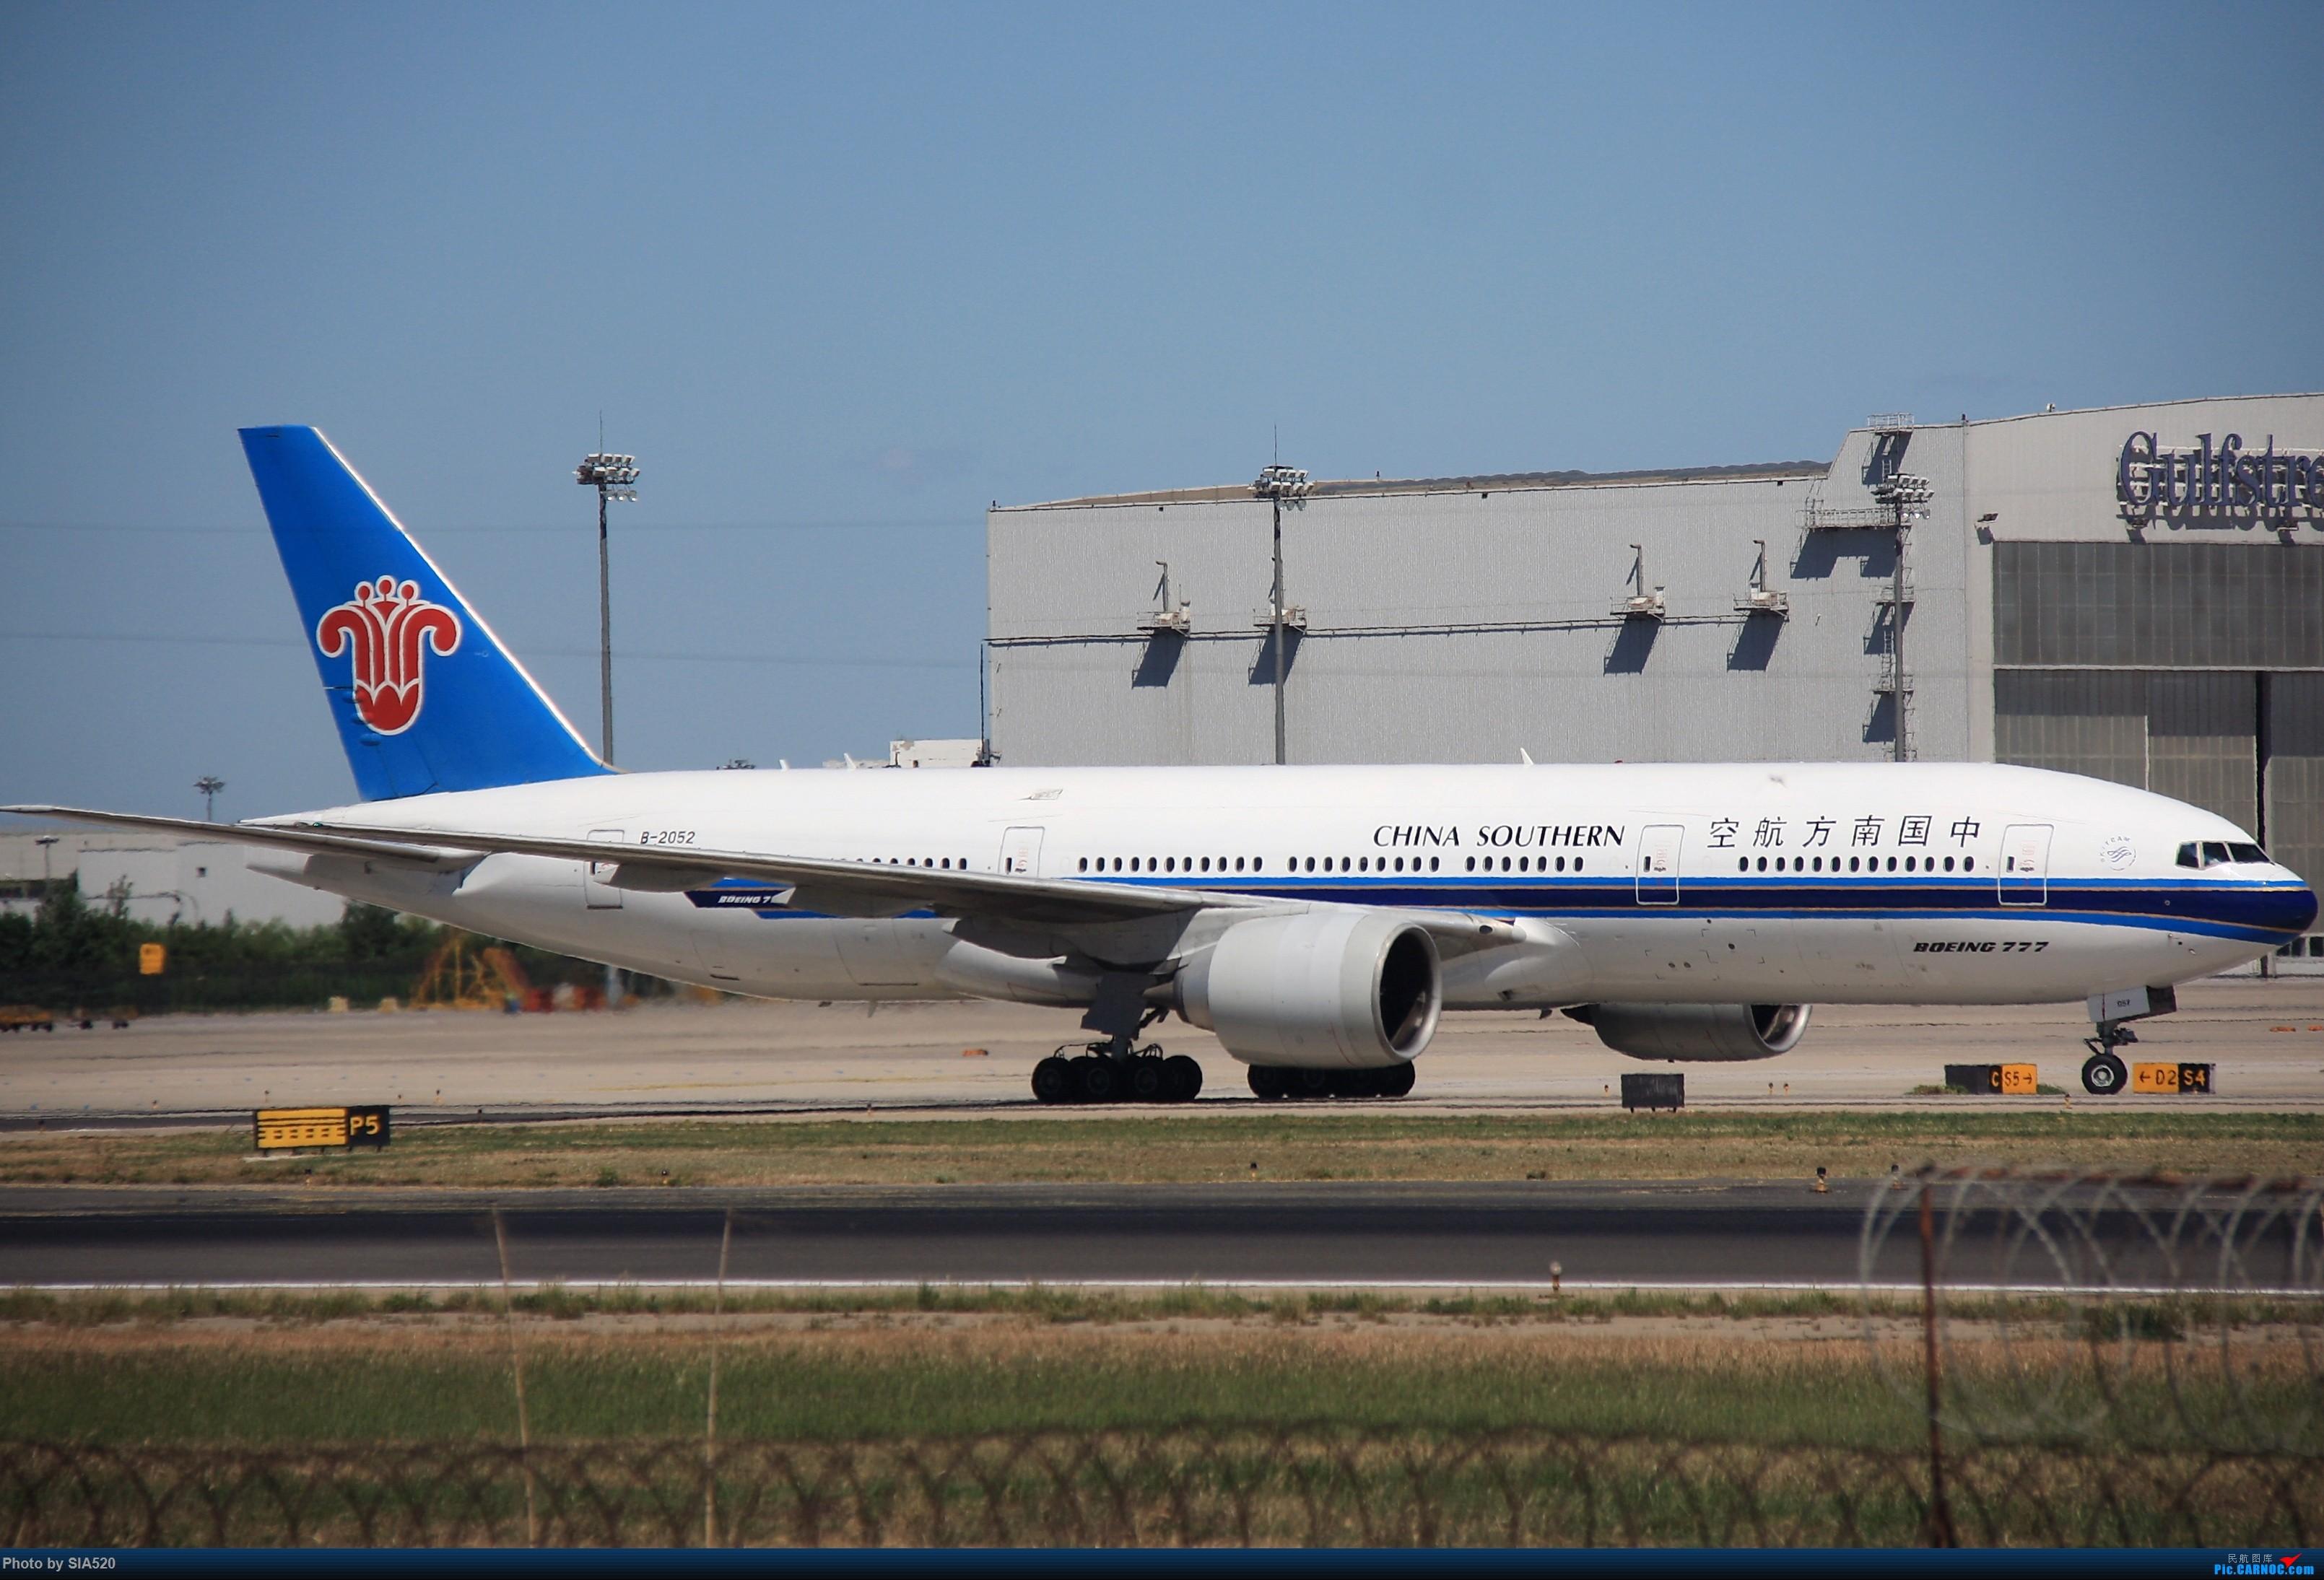 Re:[原创]六年流年留念—感谢自己坚守 感谢所有人 BOEING 777-200 B-2052 中国北京首都国际机场